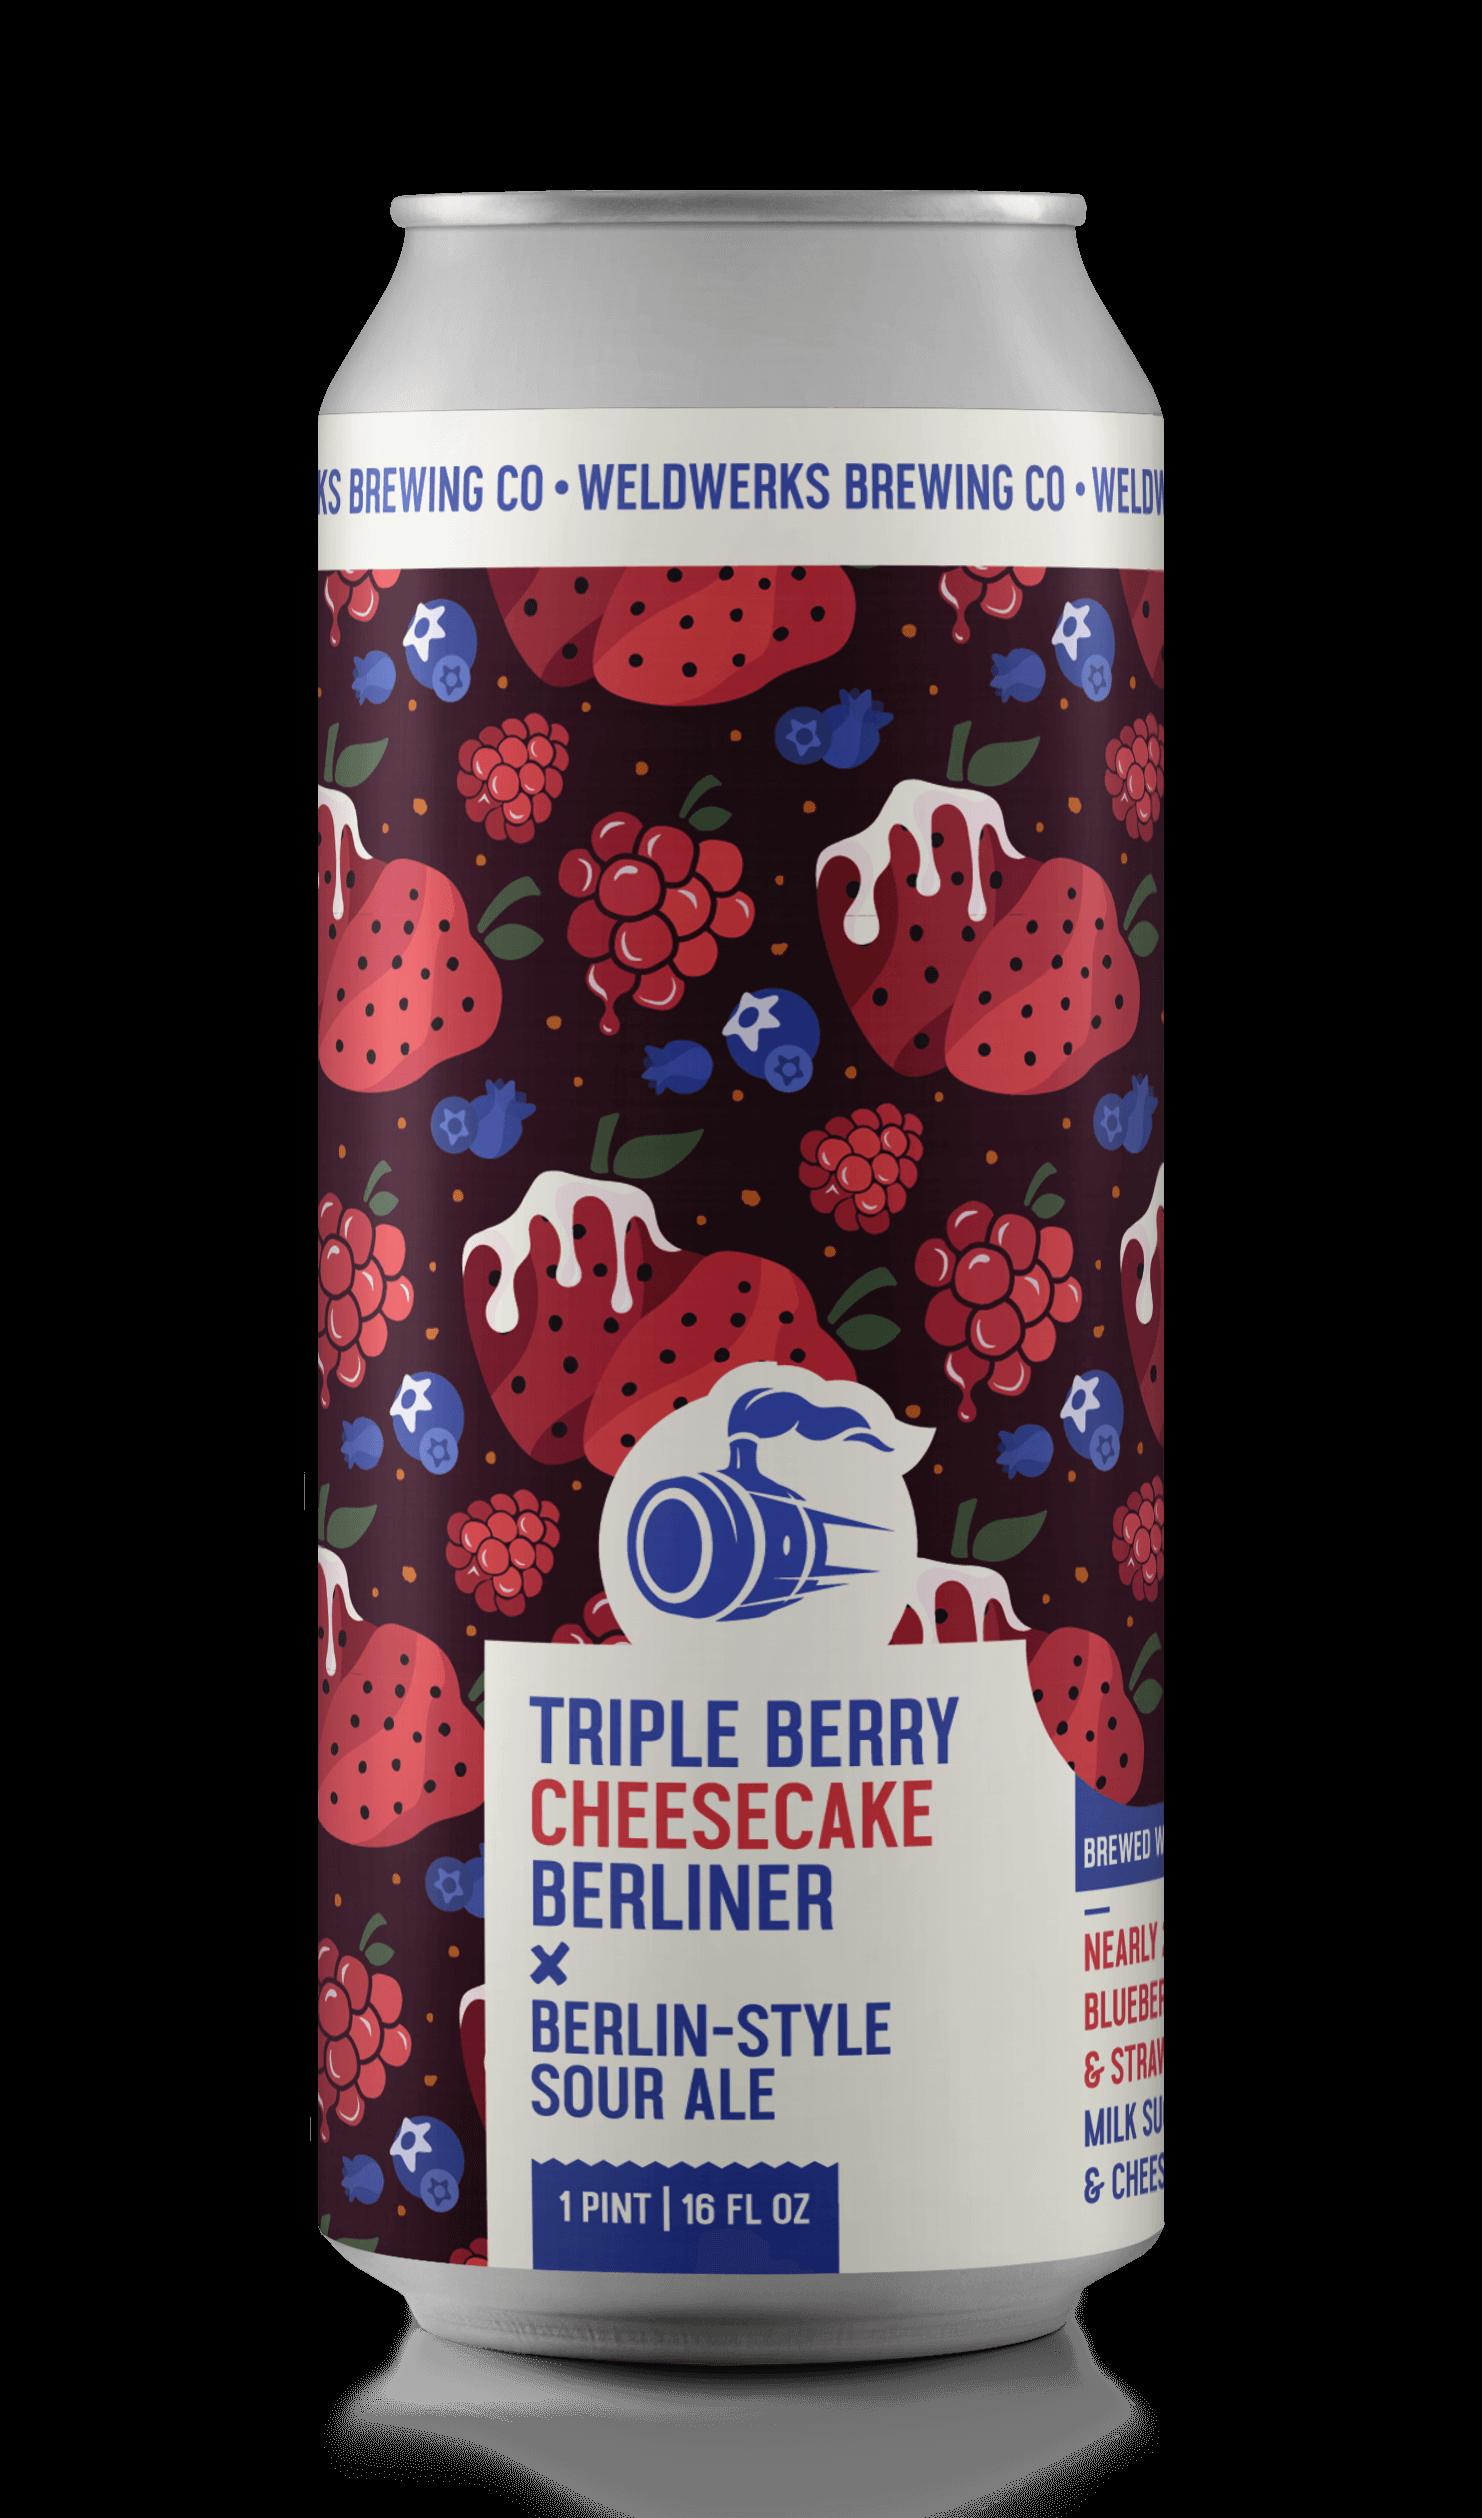 Triple Berry Cheesecake Berliner